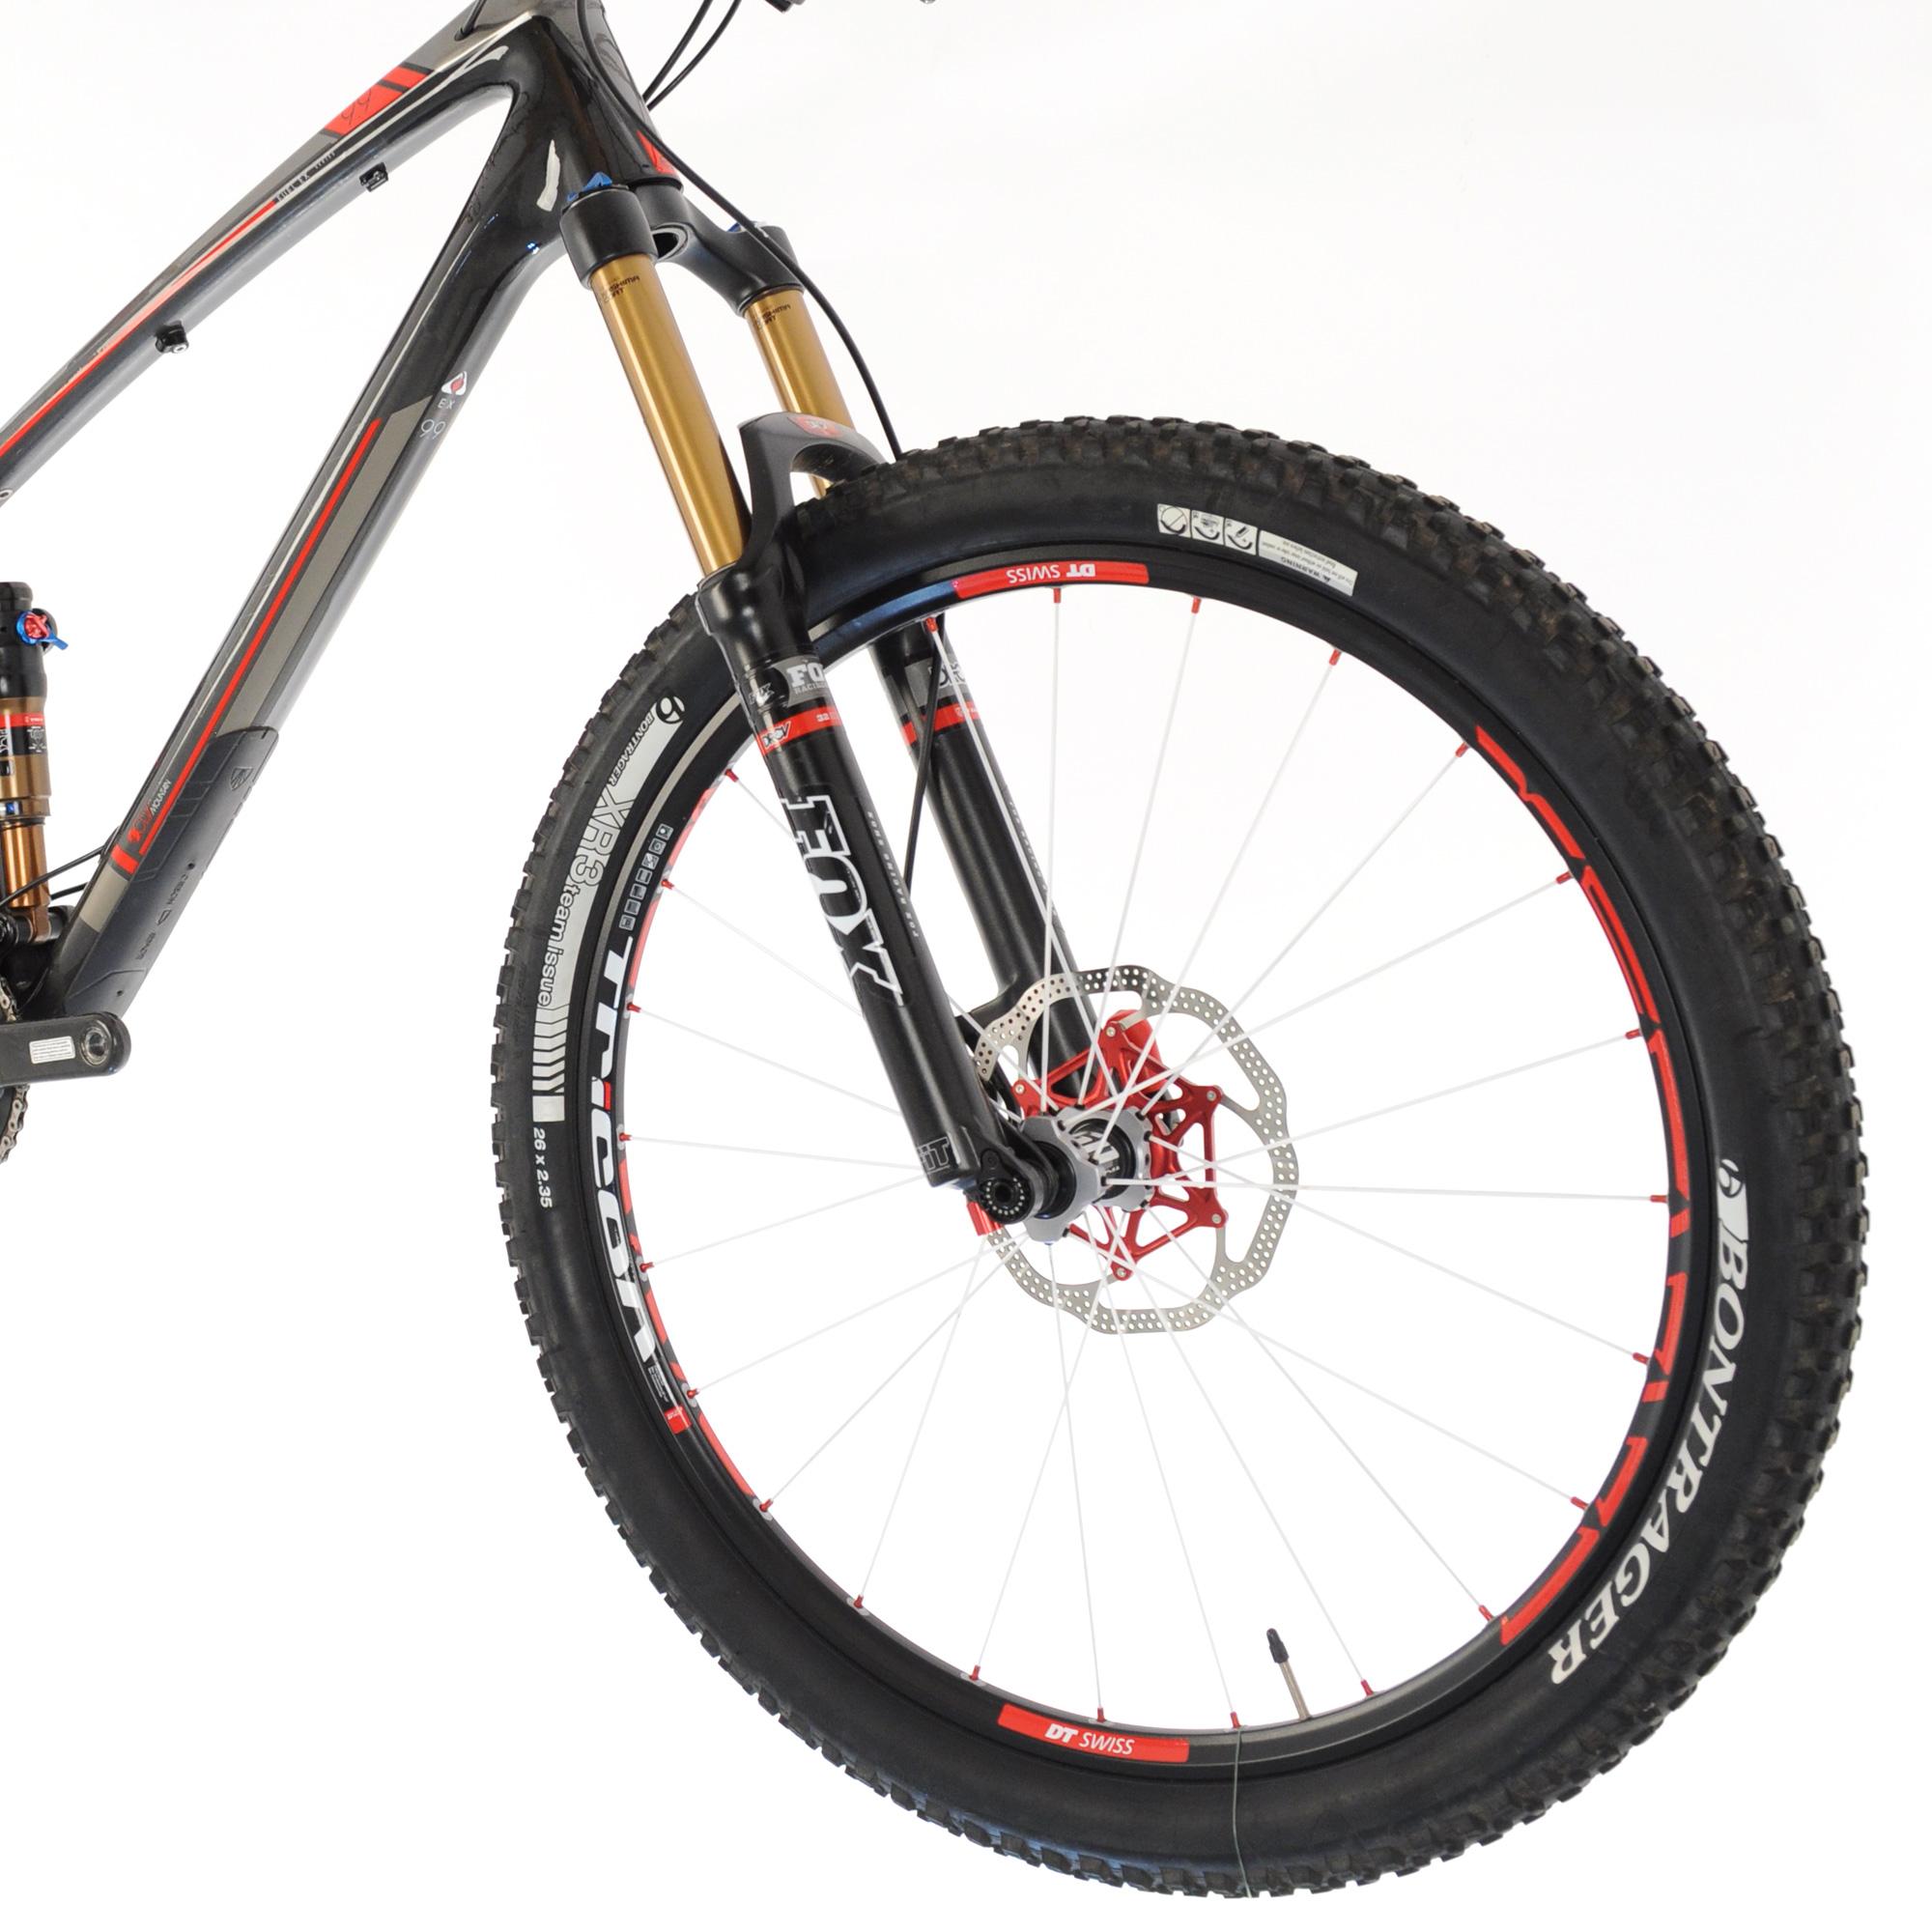 2013 Trek Fuel EX 9.9 Carbon Full Suspension Mountain Bike // 19.5